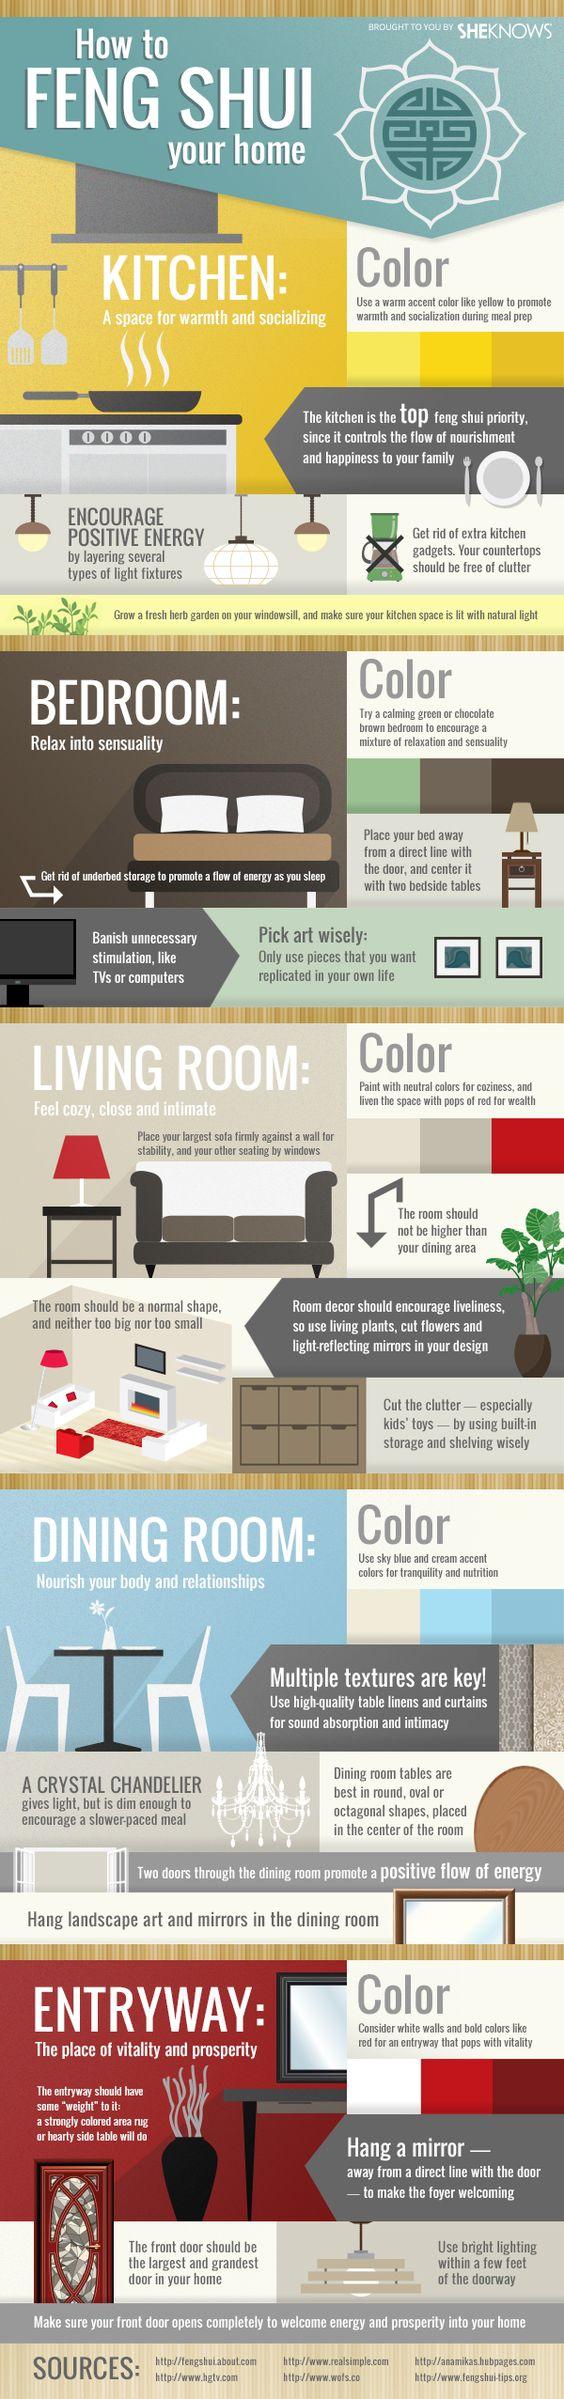 Un'utile guida alla scelta dei colori per la casa. || #INFOGRAPHIC: A room-by-room guide to feng shui your home: